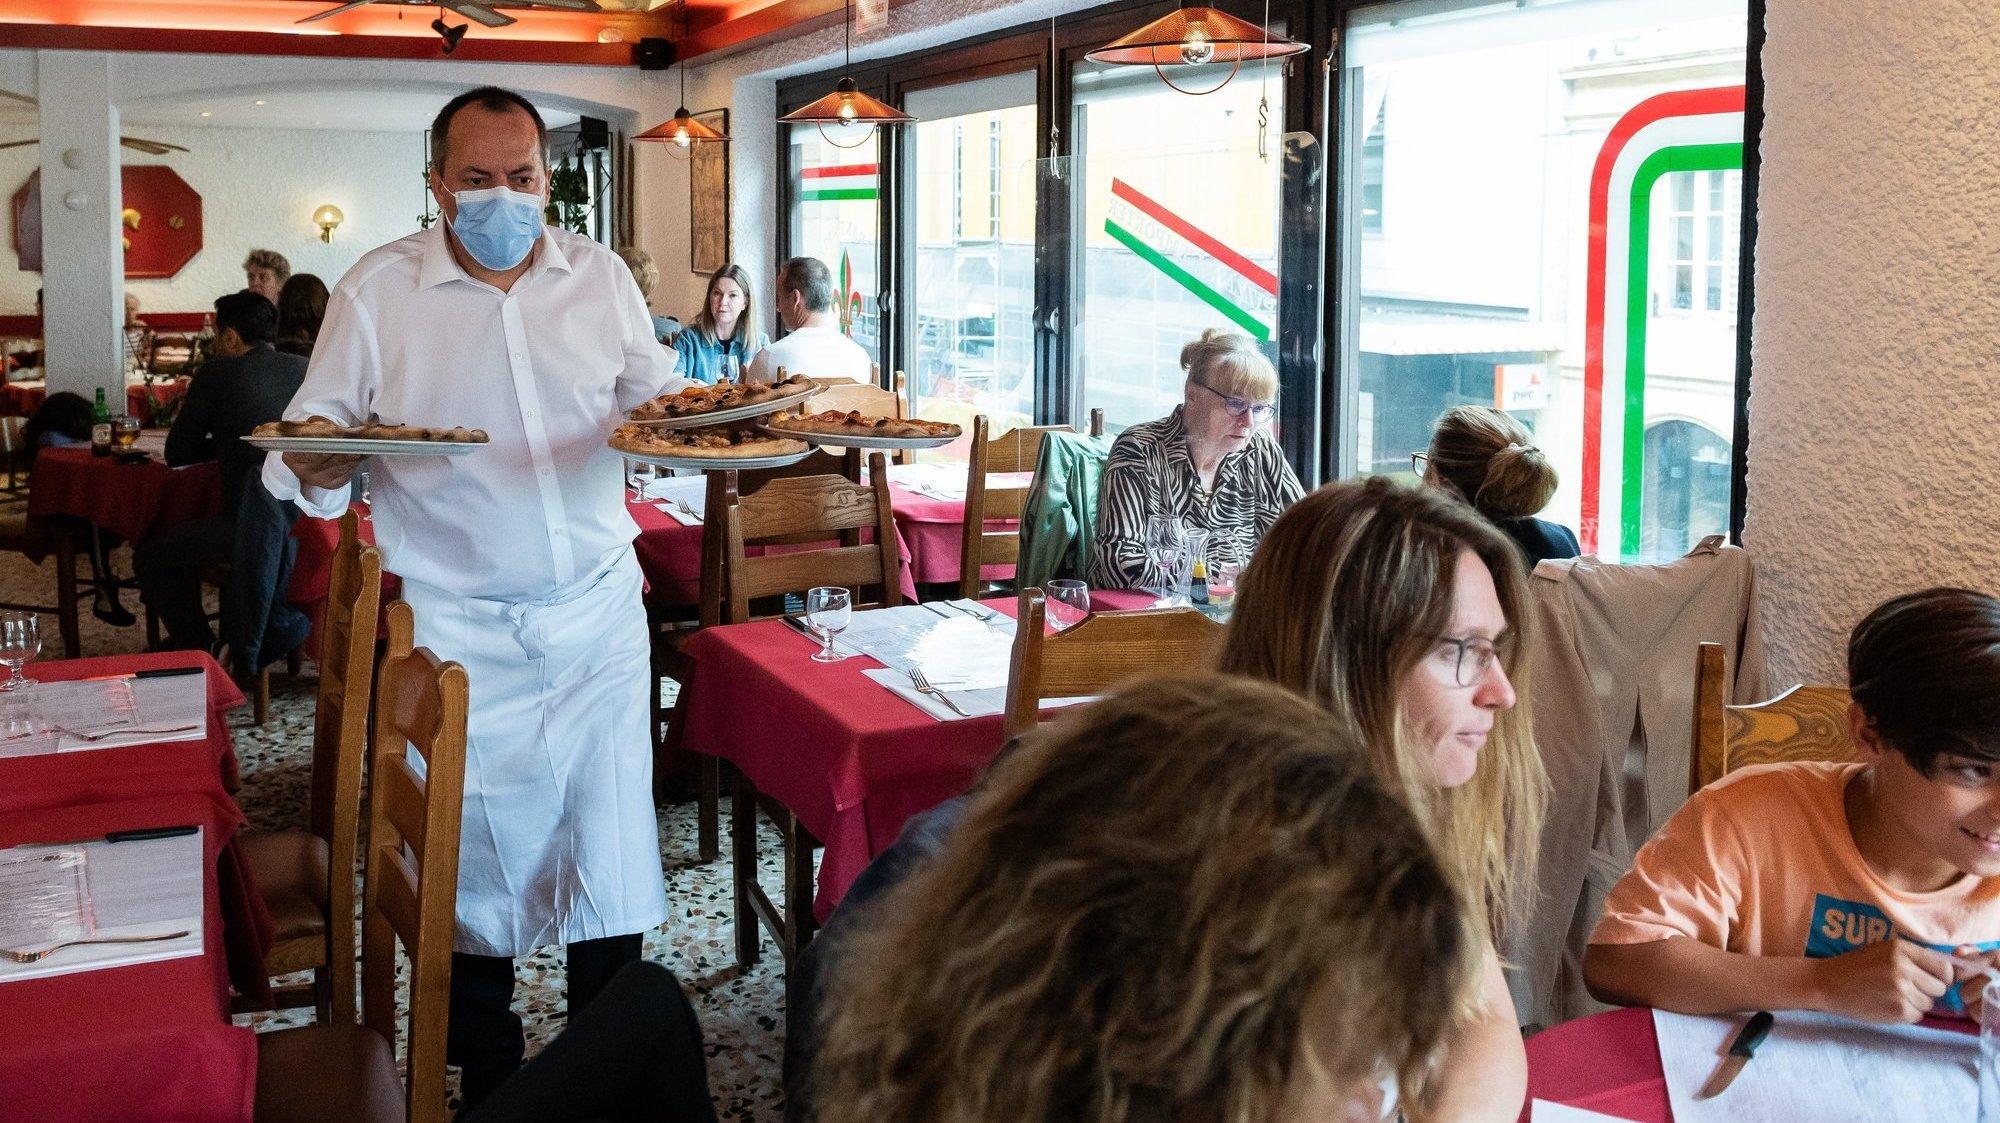 A la pizzeria Fleur de lys, à Neuchâtel, on assiste à une importante chute de la fréquentation depuis l'introduction du pass sanitaire.